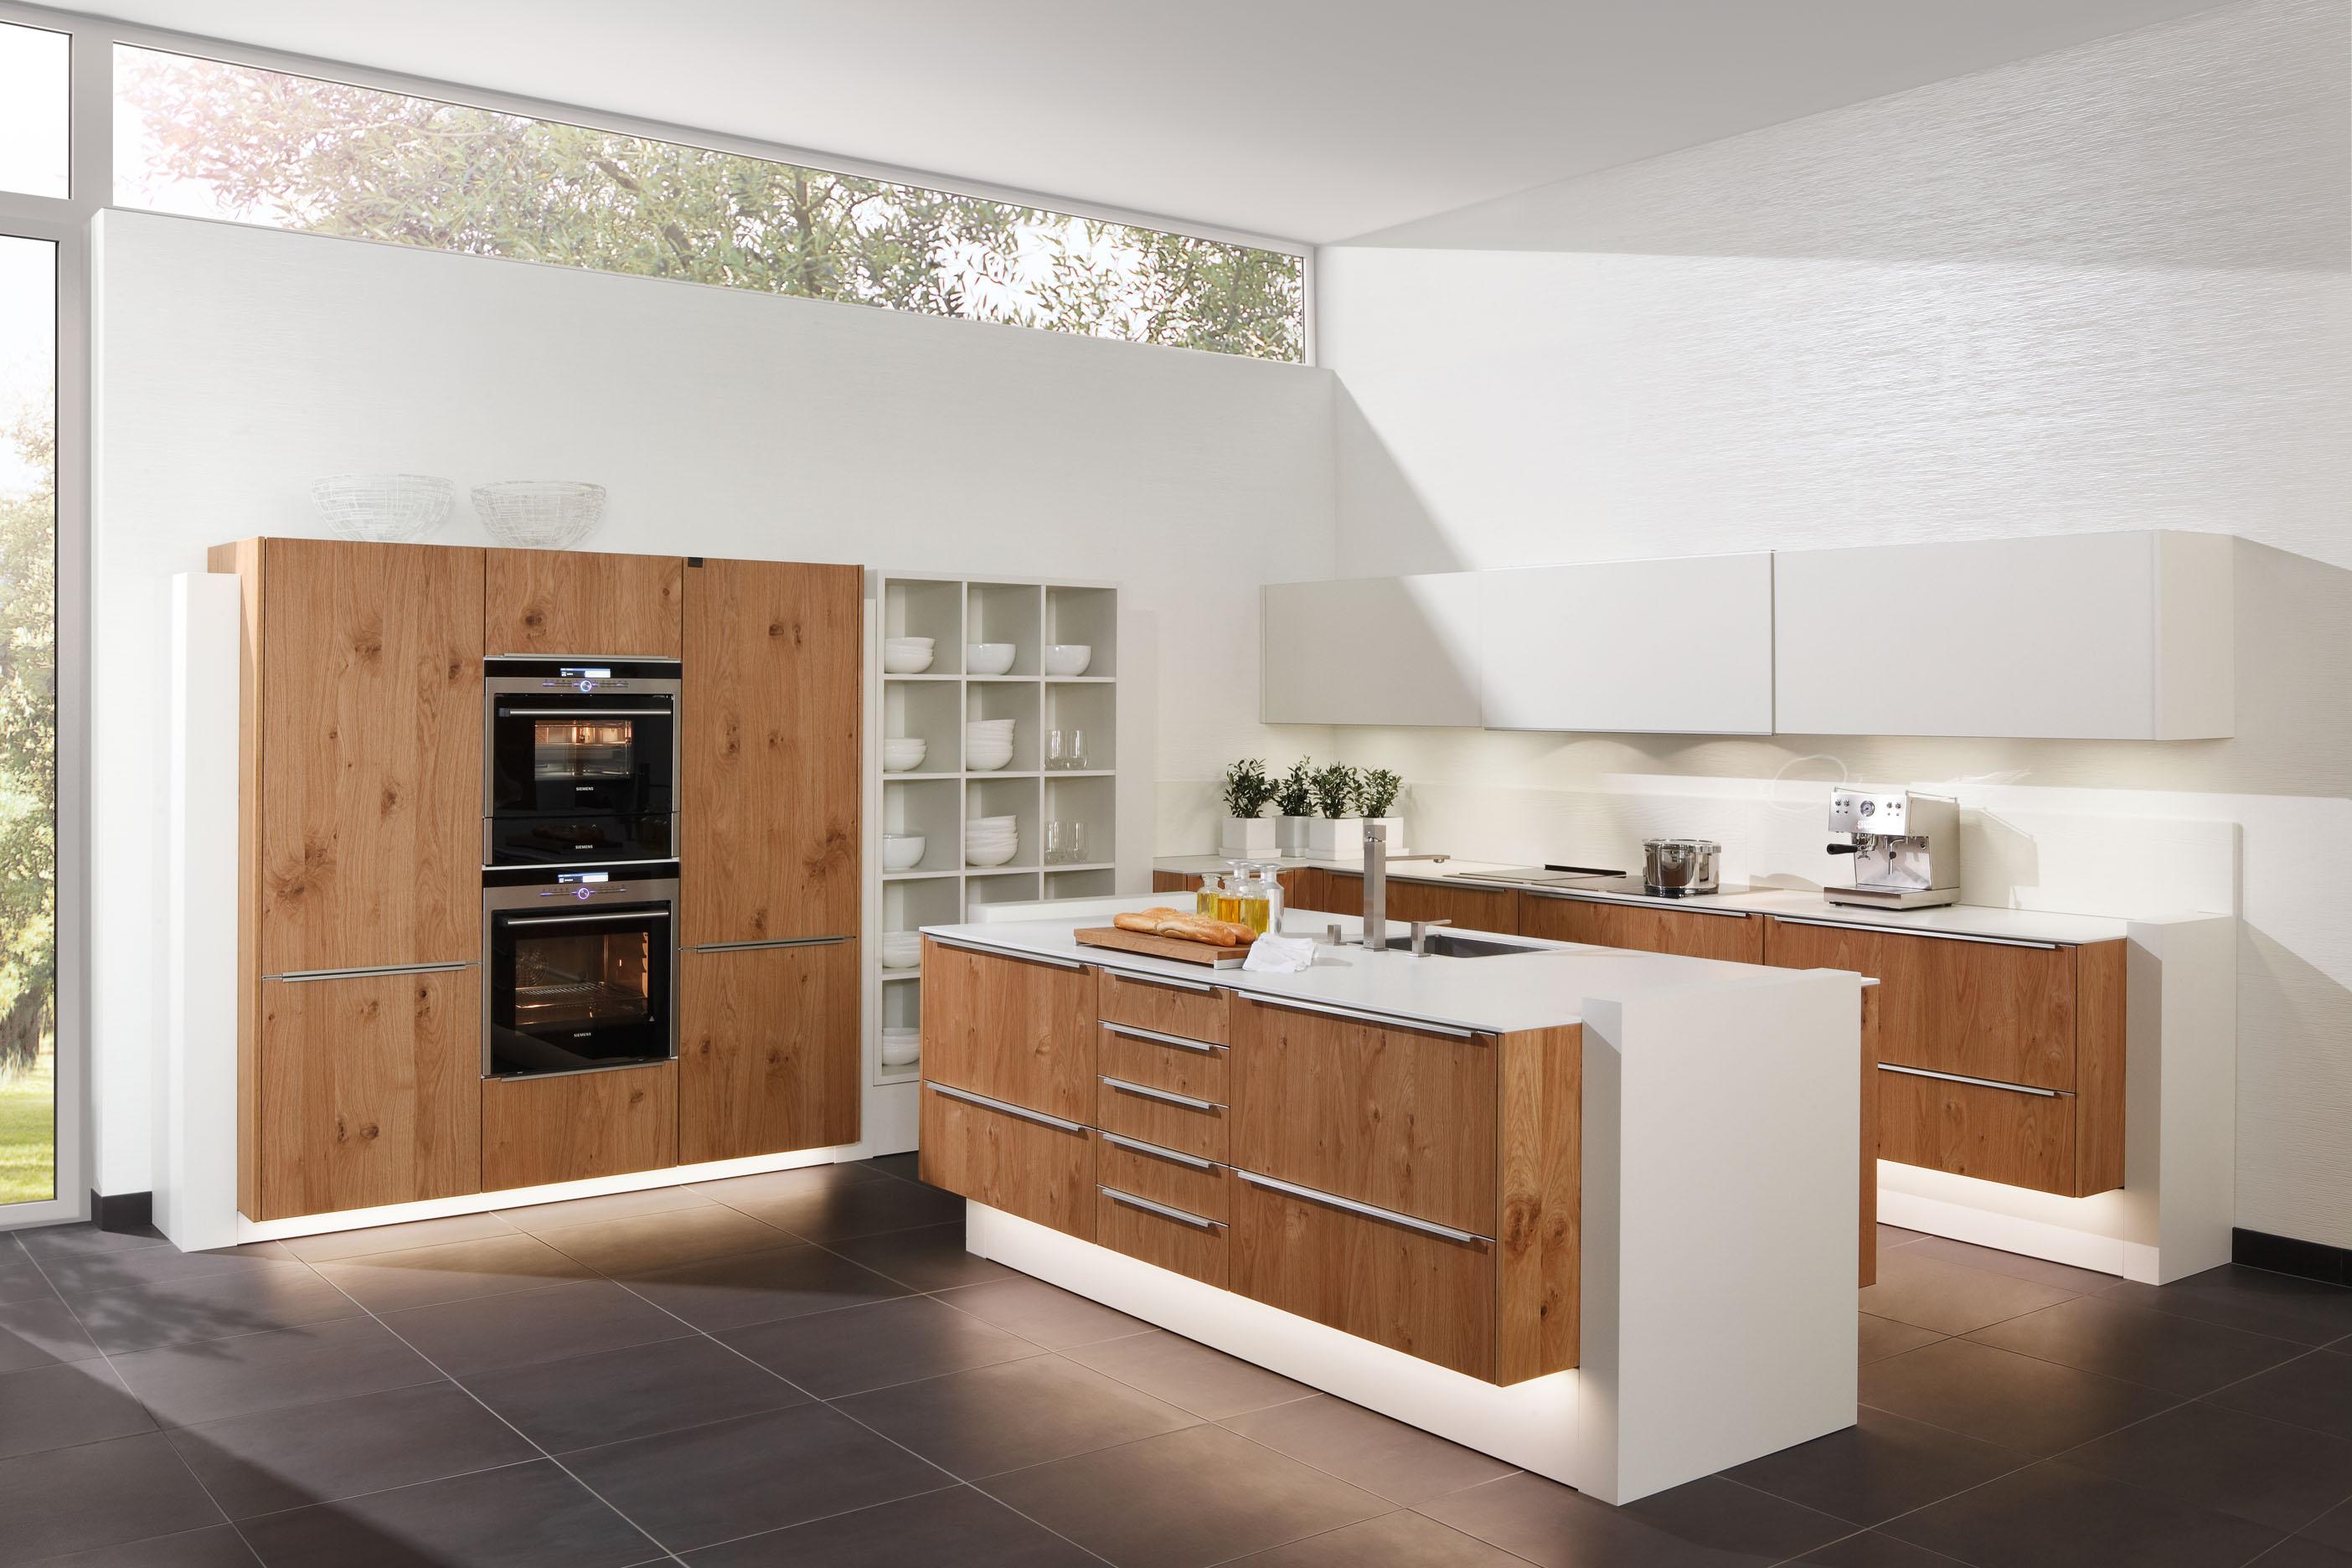 De designkeukens van Zeyko - Nieuws Startpagina voor keuken ideeën ...